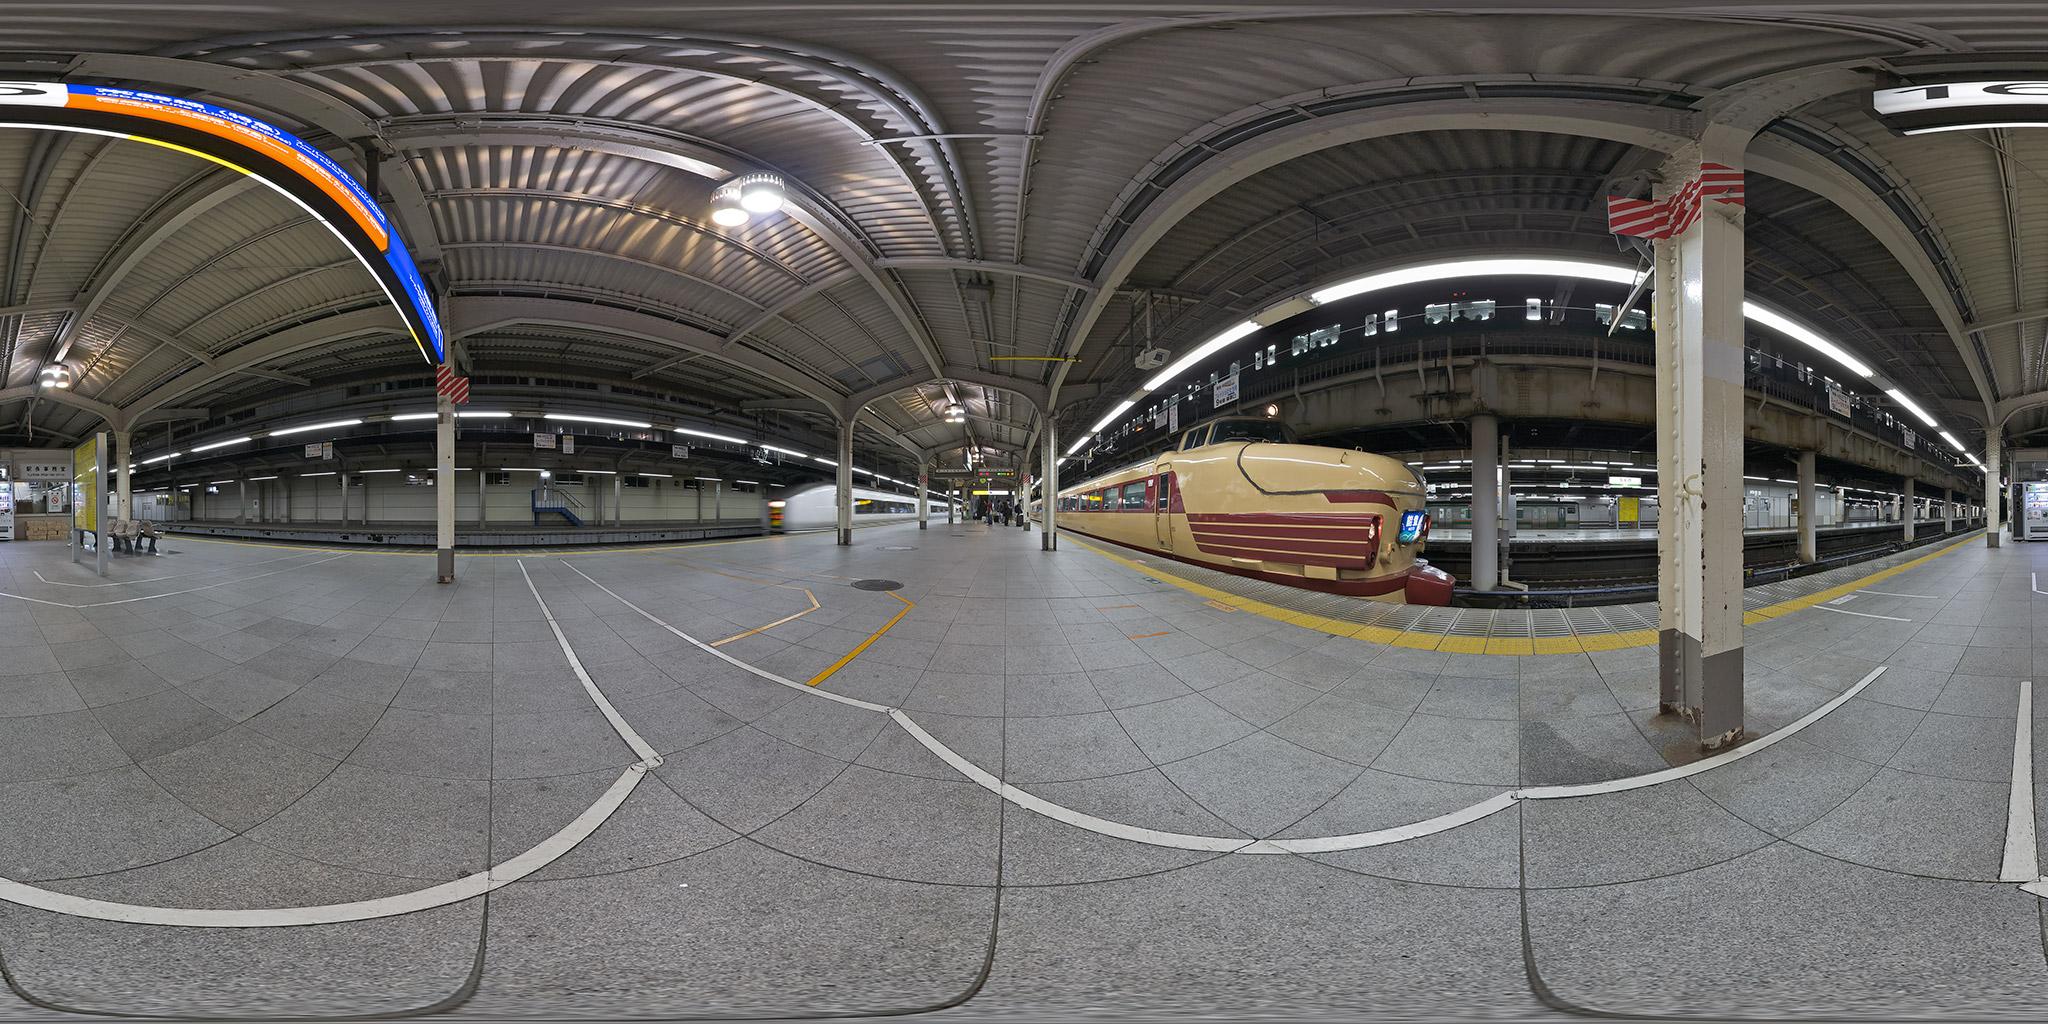 上野駅16番線。金沢行きの急行「能登」